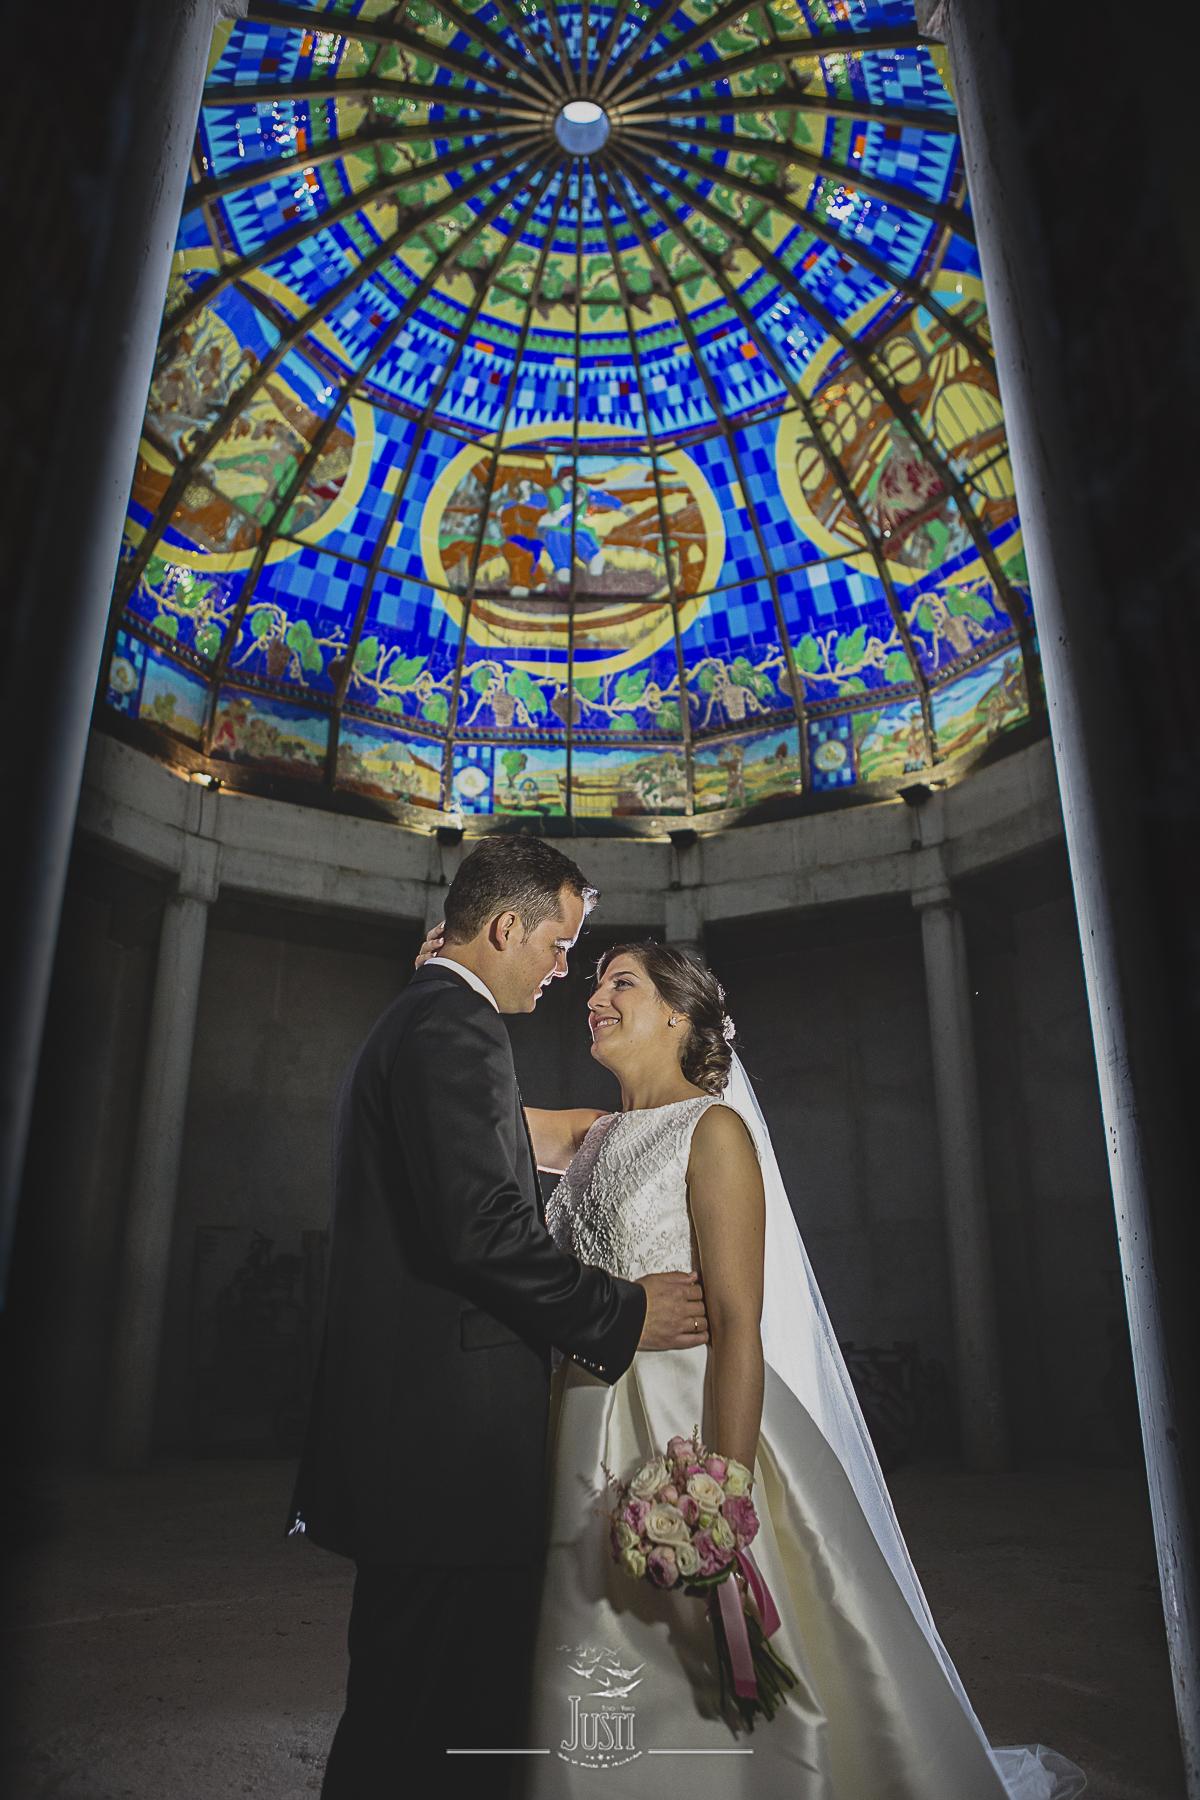 foto-video-justi-boda-en-orellana-la-vieja-las-granadas-coronadas-56-de-65